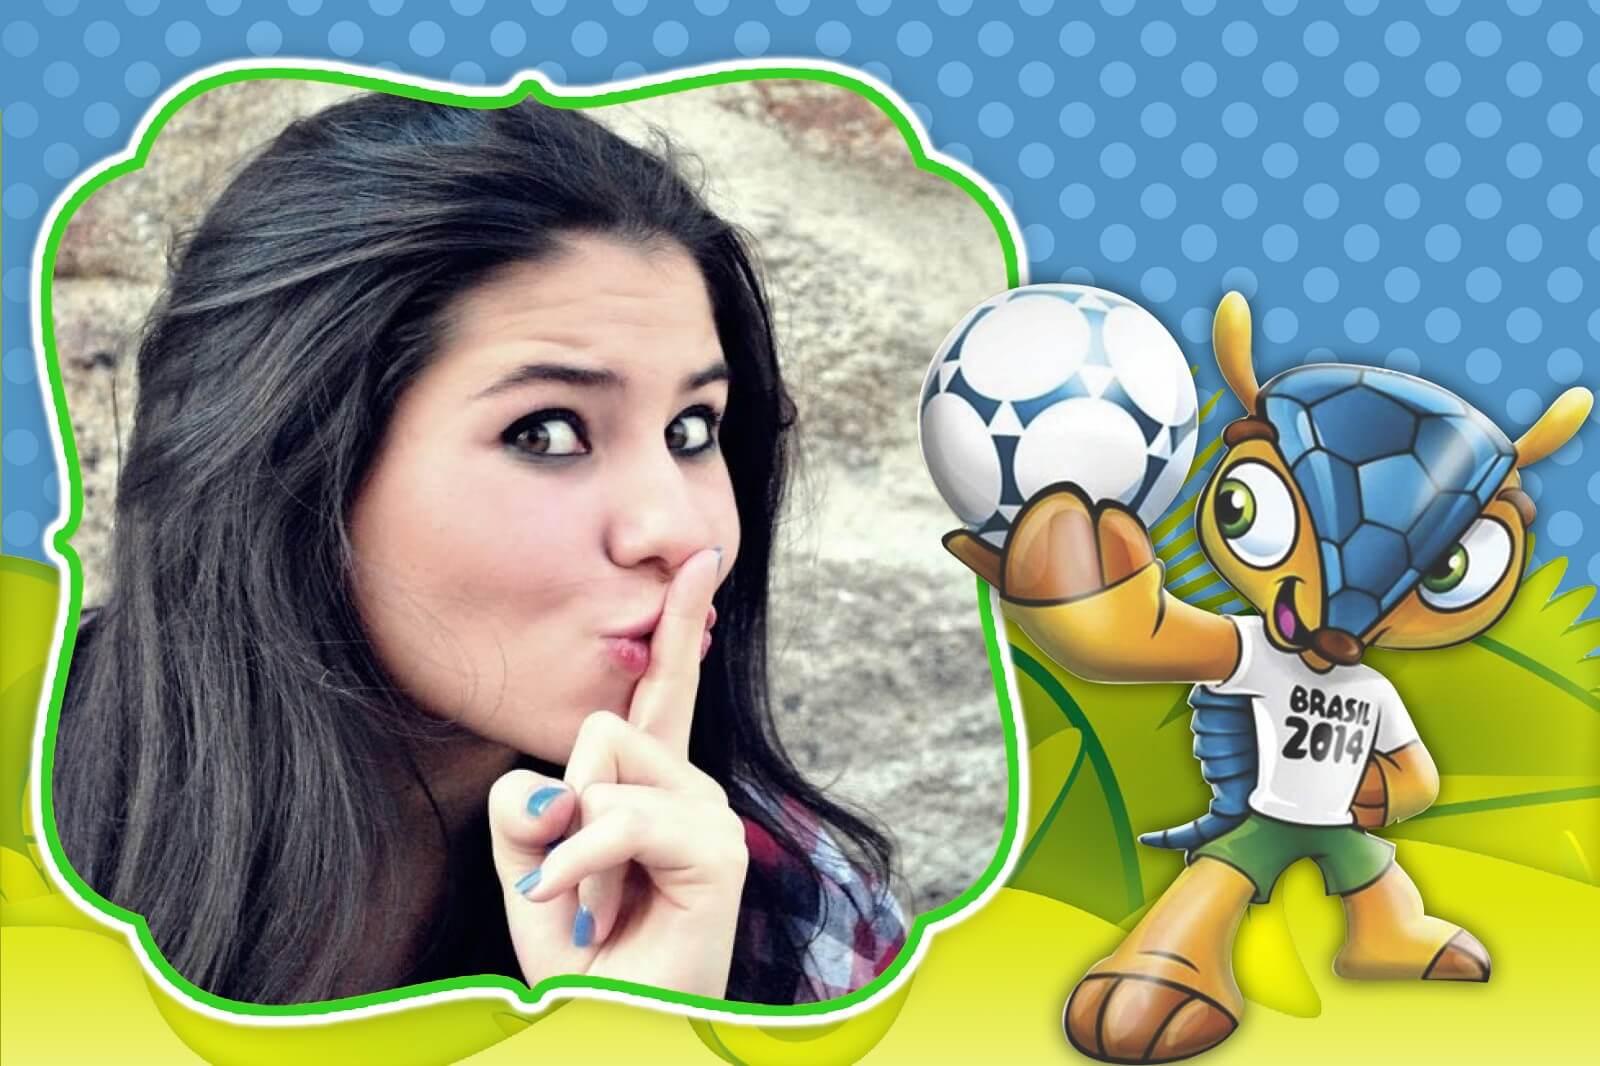 moldura-para-fotos-brasil-copa-do-mundo-2014